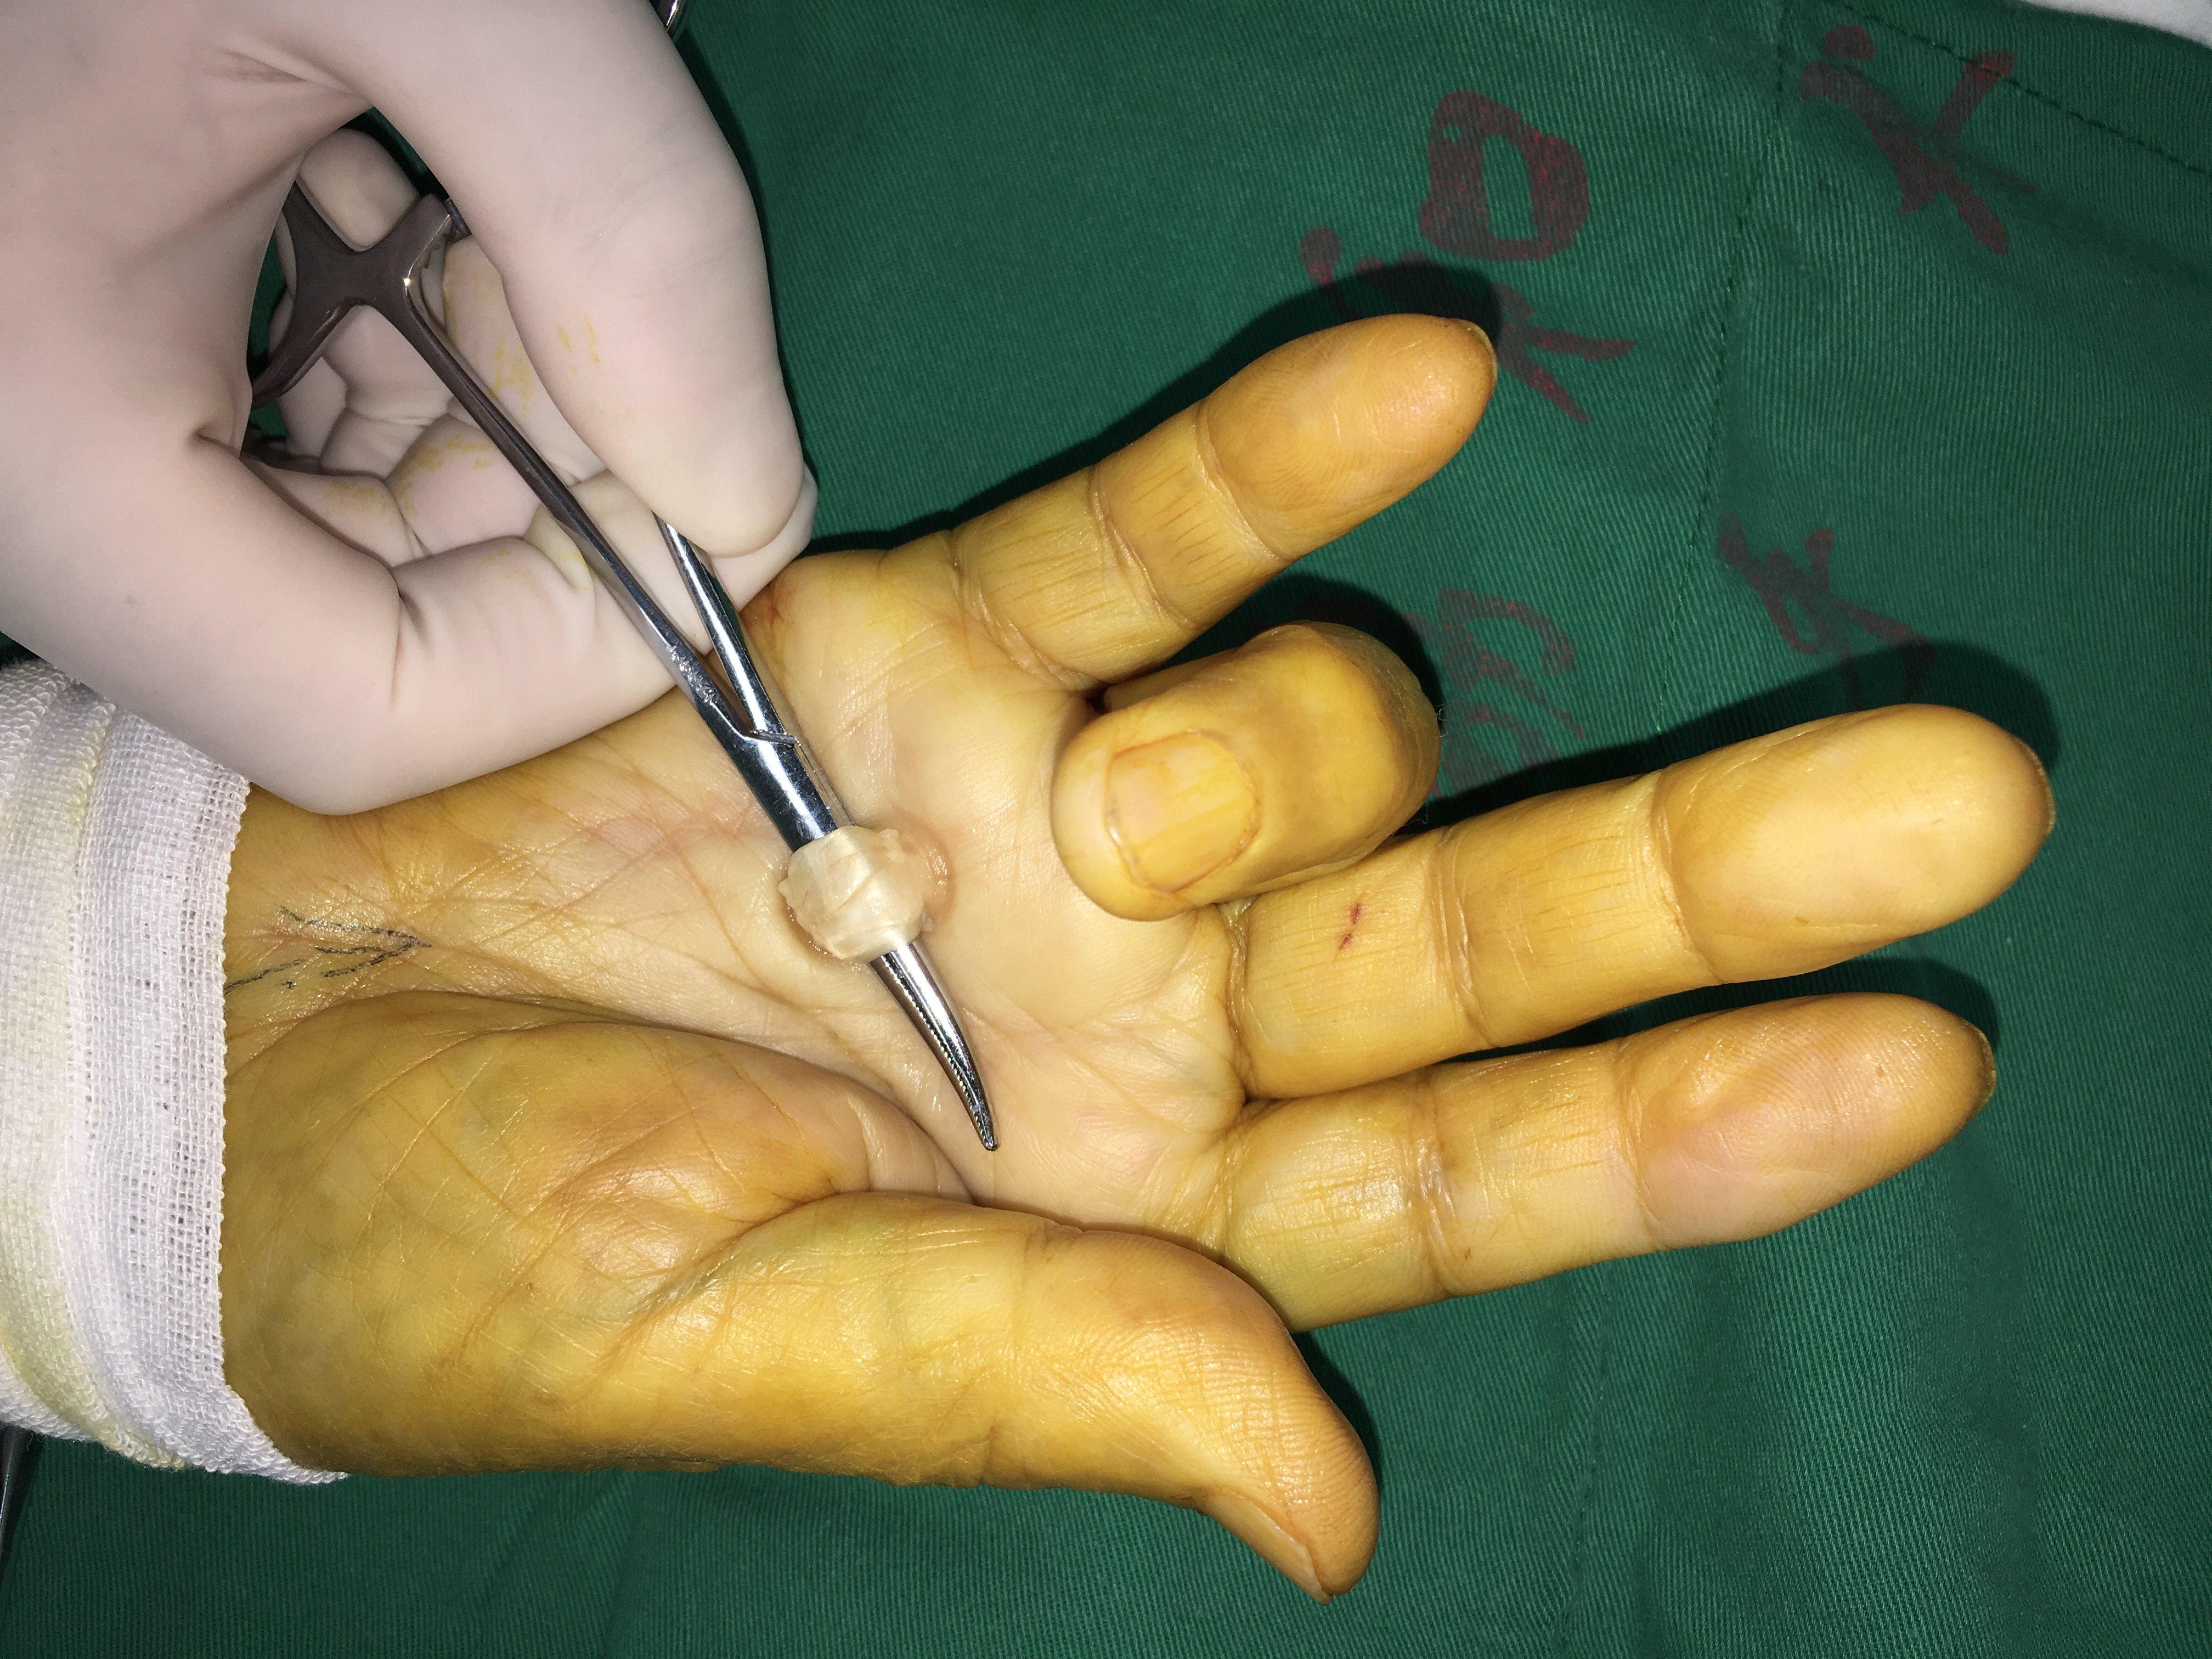 手術 腱鞘炎 腱鞘炎とは・症状・治し方・手術の費用やリスク・おすすめの湿布・サポーター